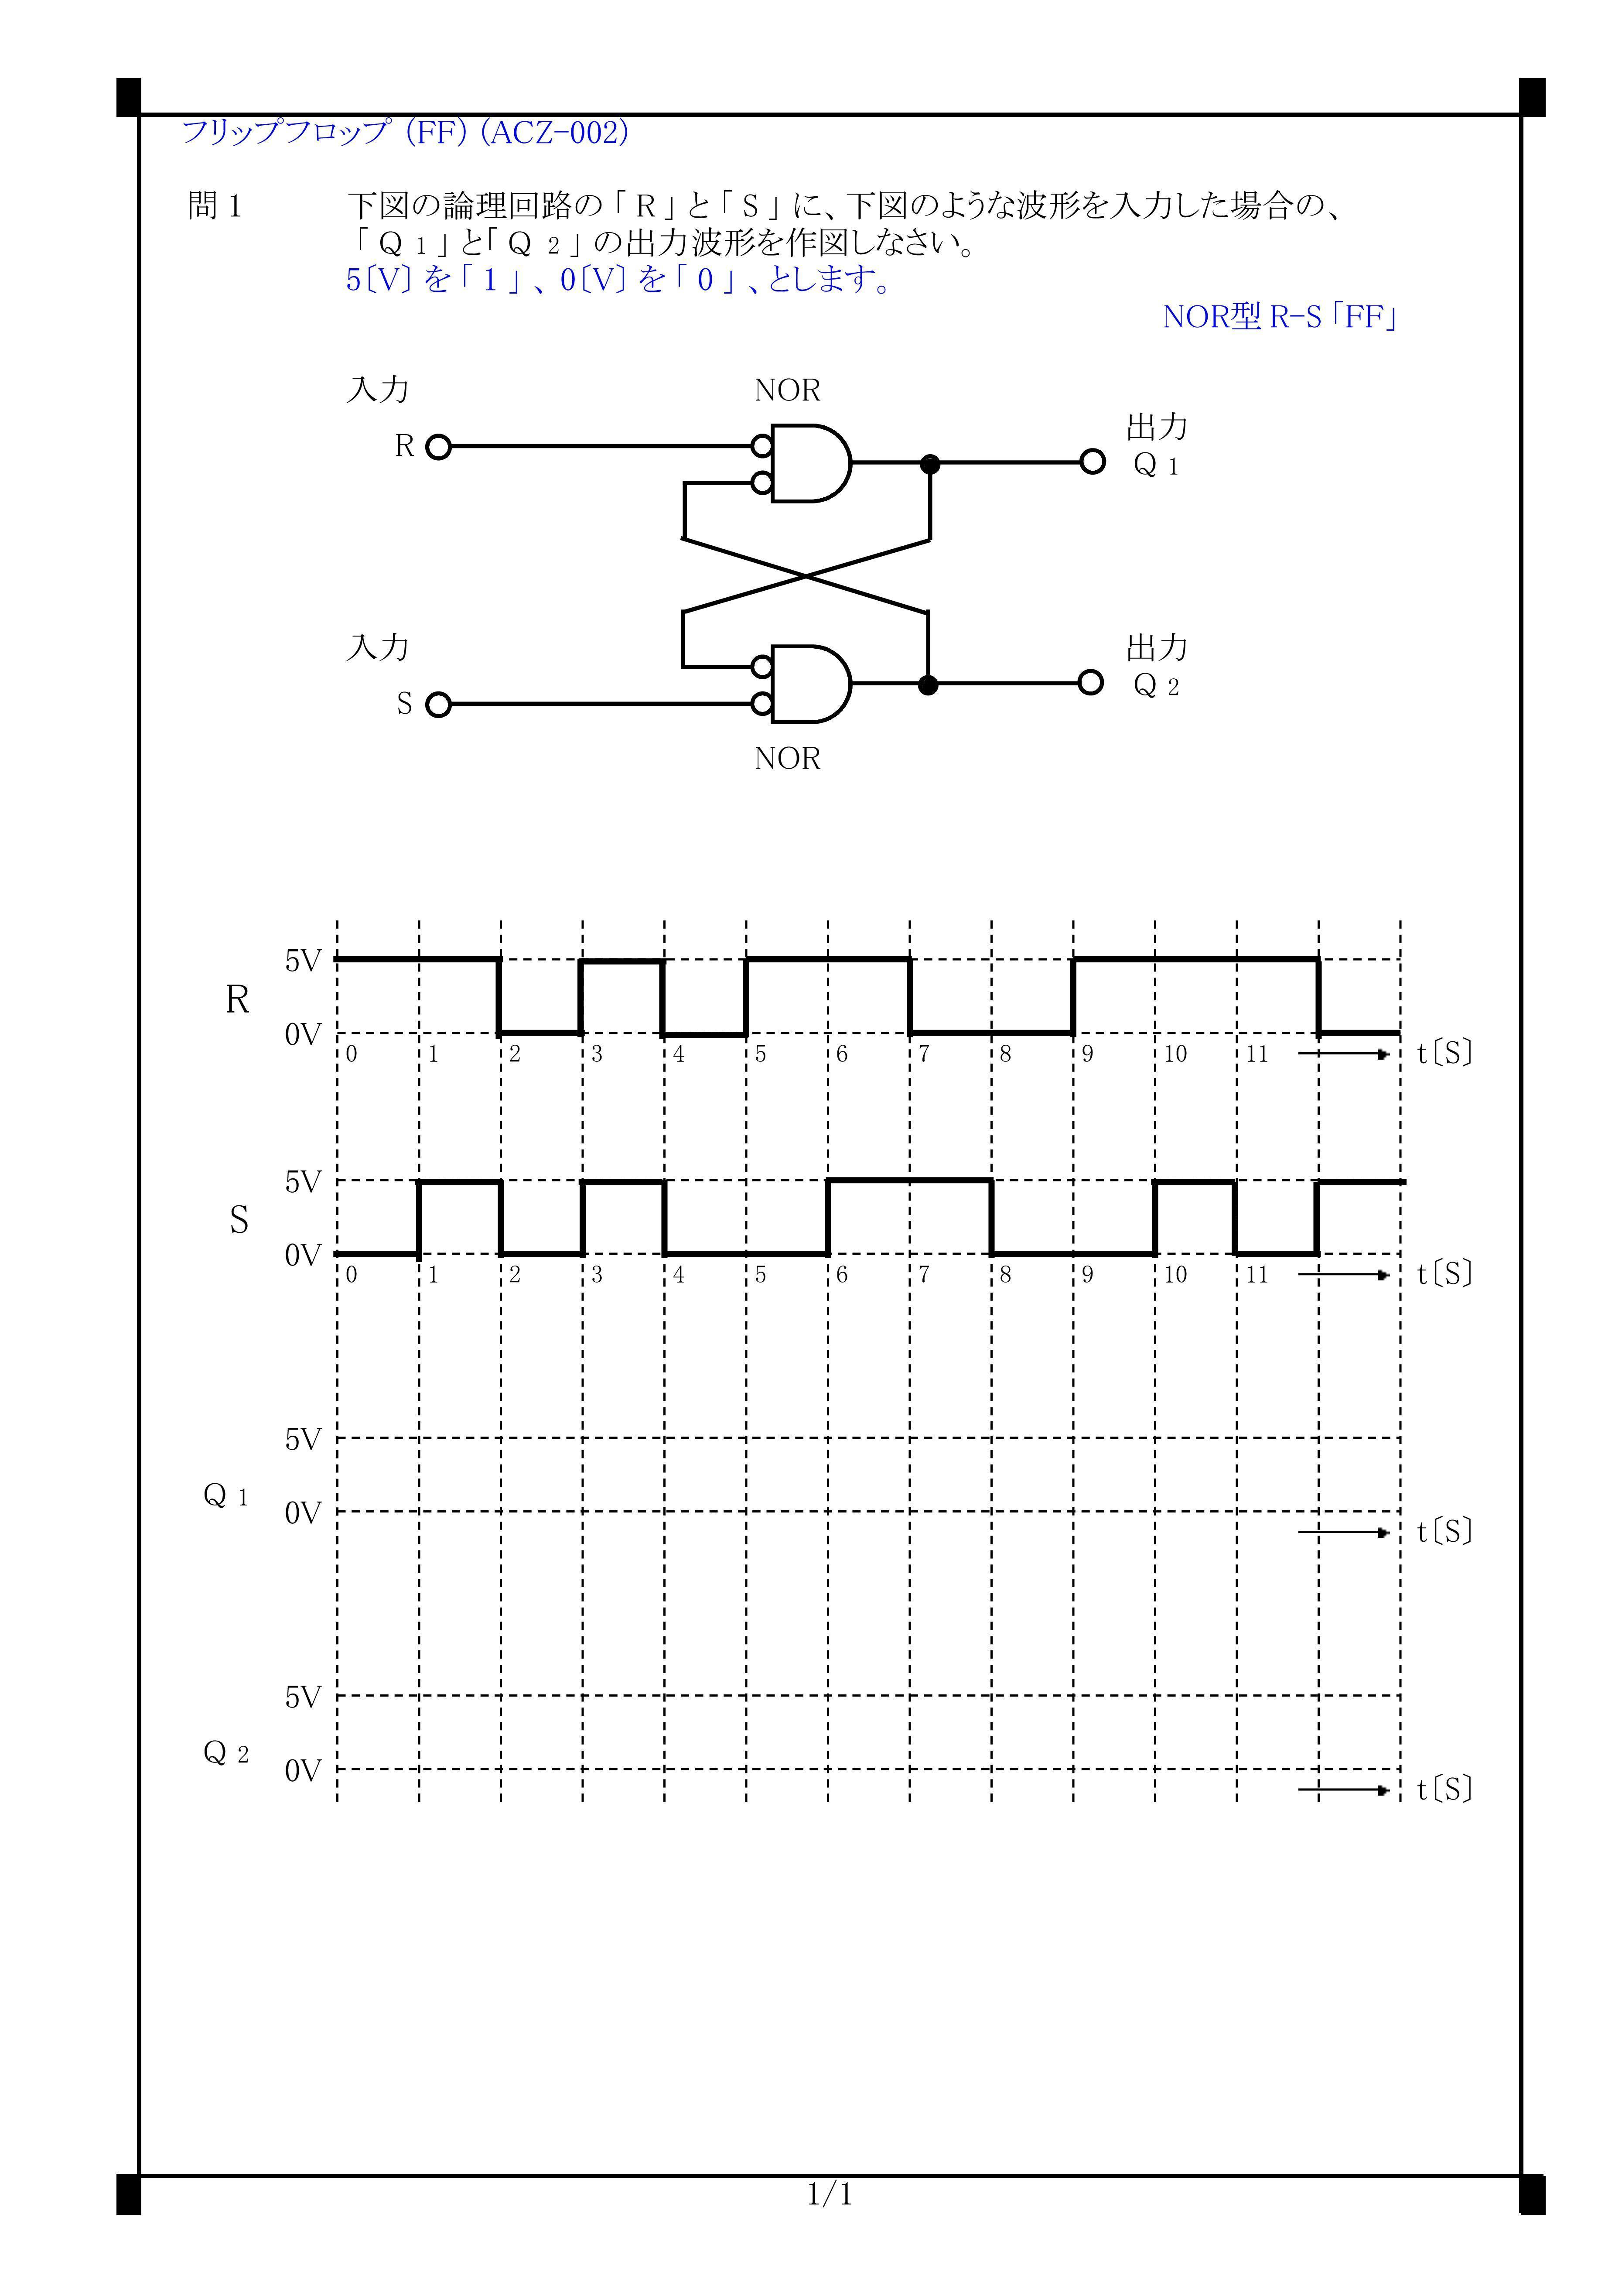 ACZ-002)RSフリップフロップの動作(RS_FF・NAND型RSフリップフロップ ...